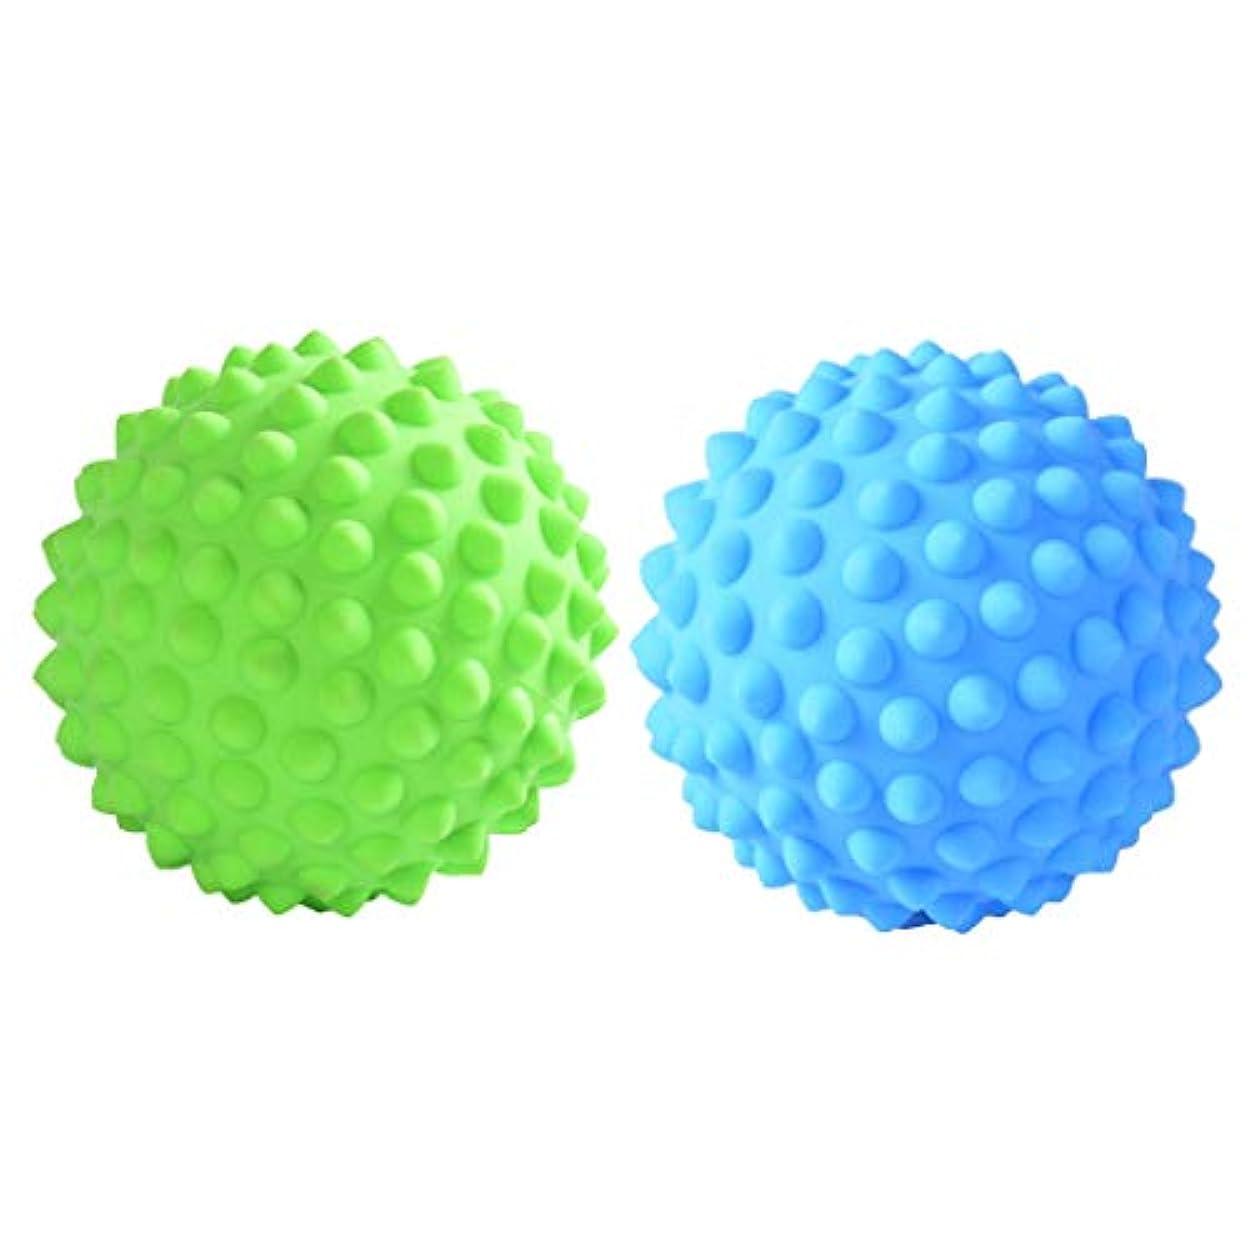 研究所しなやか早いchiwanji マッサージローラーボール 指圧ボール トリガーポイント 疲れ解消ボール ヨガ 疲労軽減 2個入